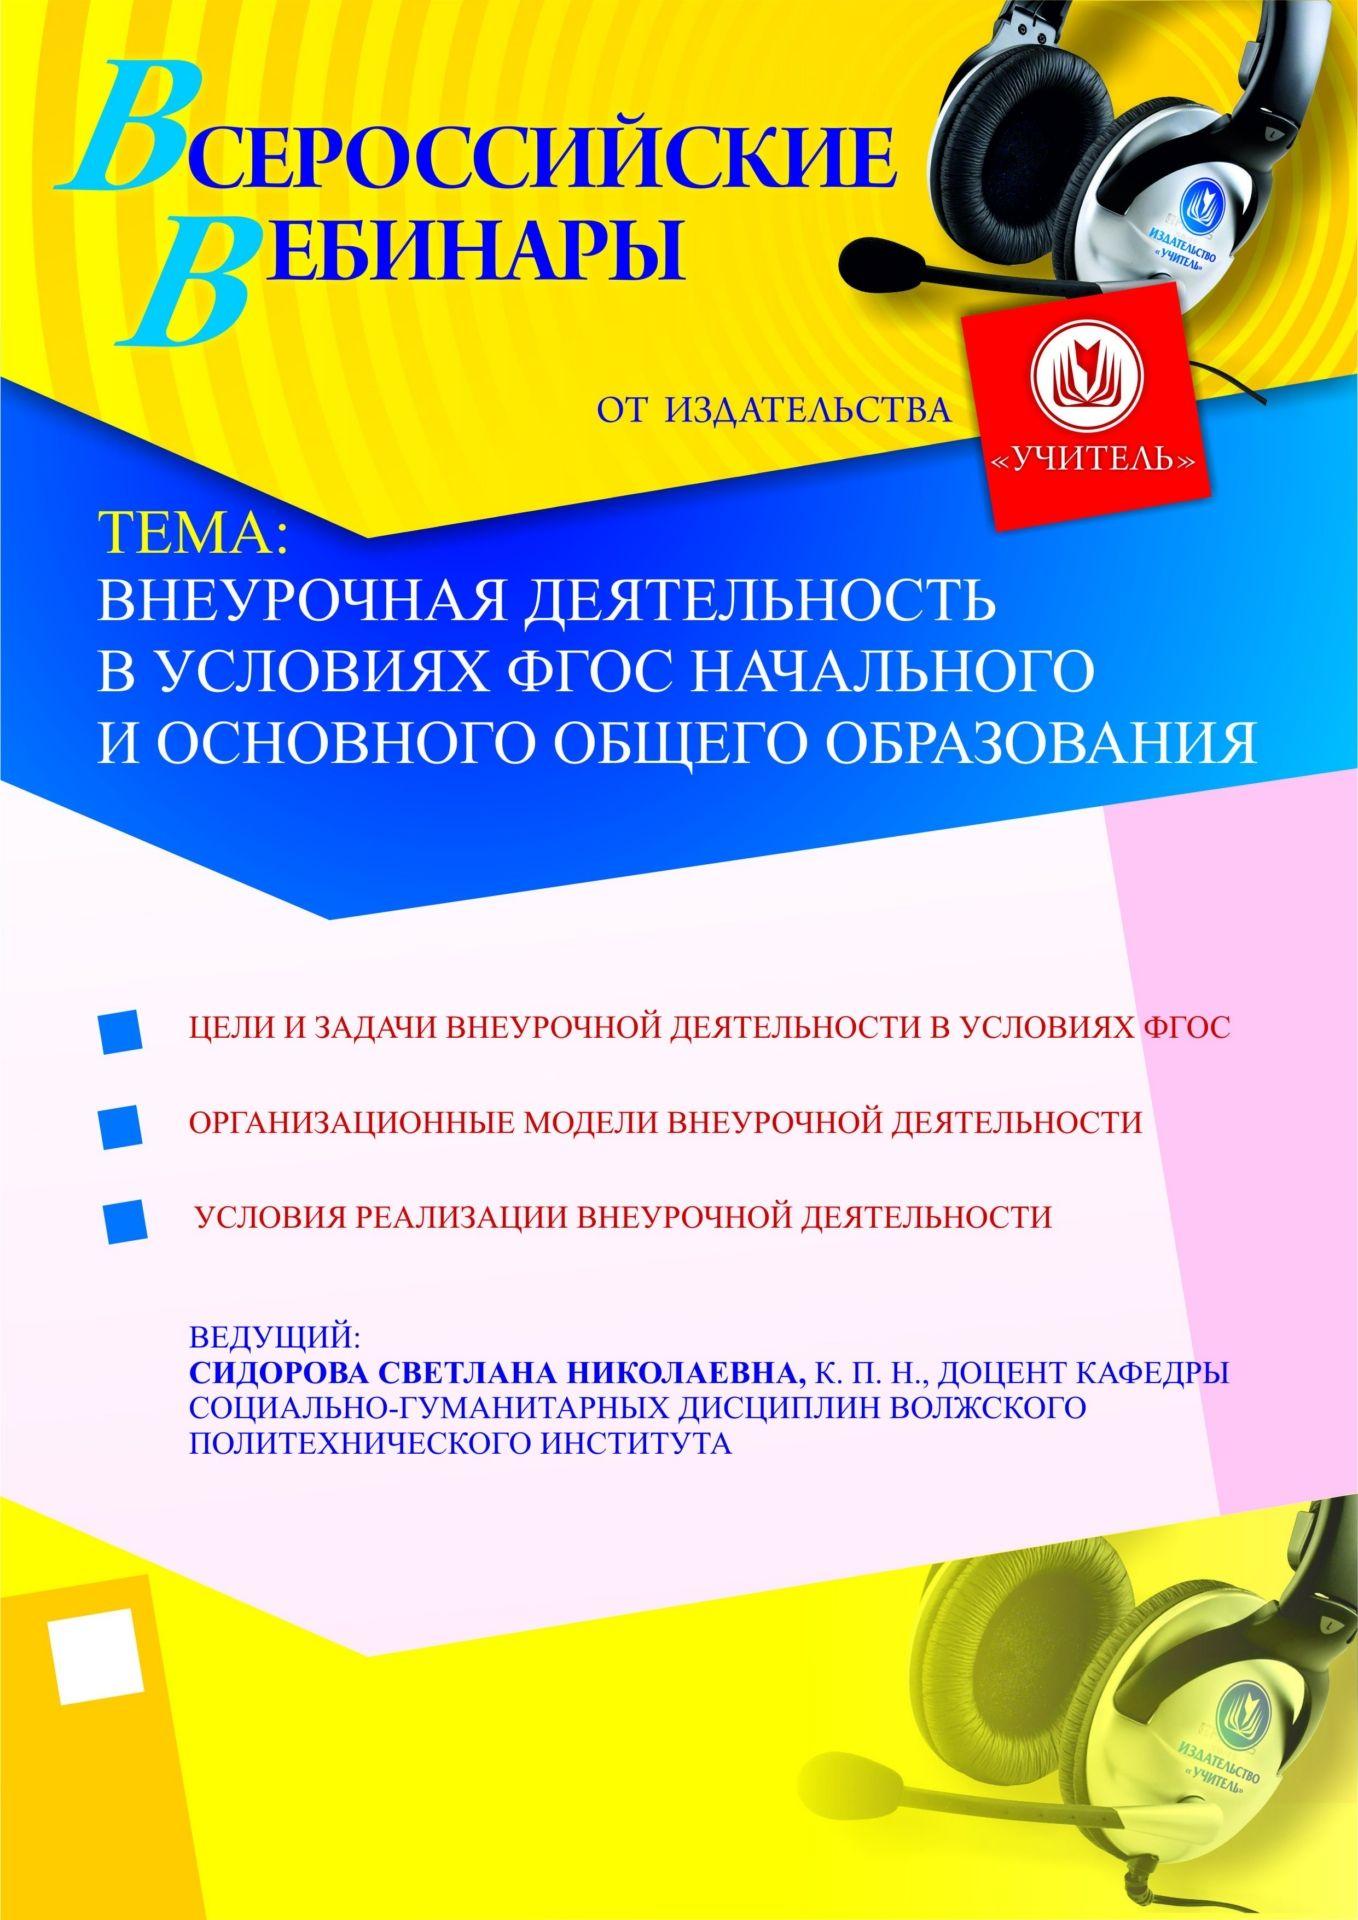 Внеурочная деятельность в условиях ФГОС начального и основного общего образования фото